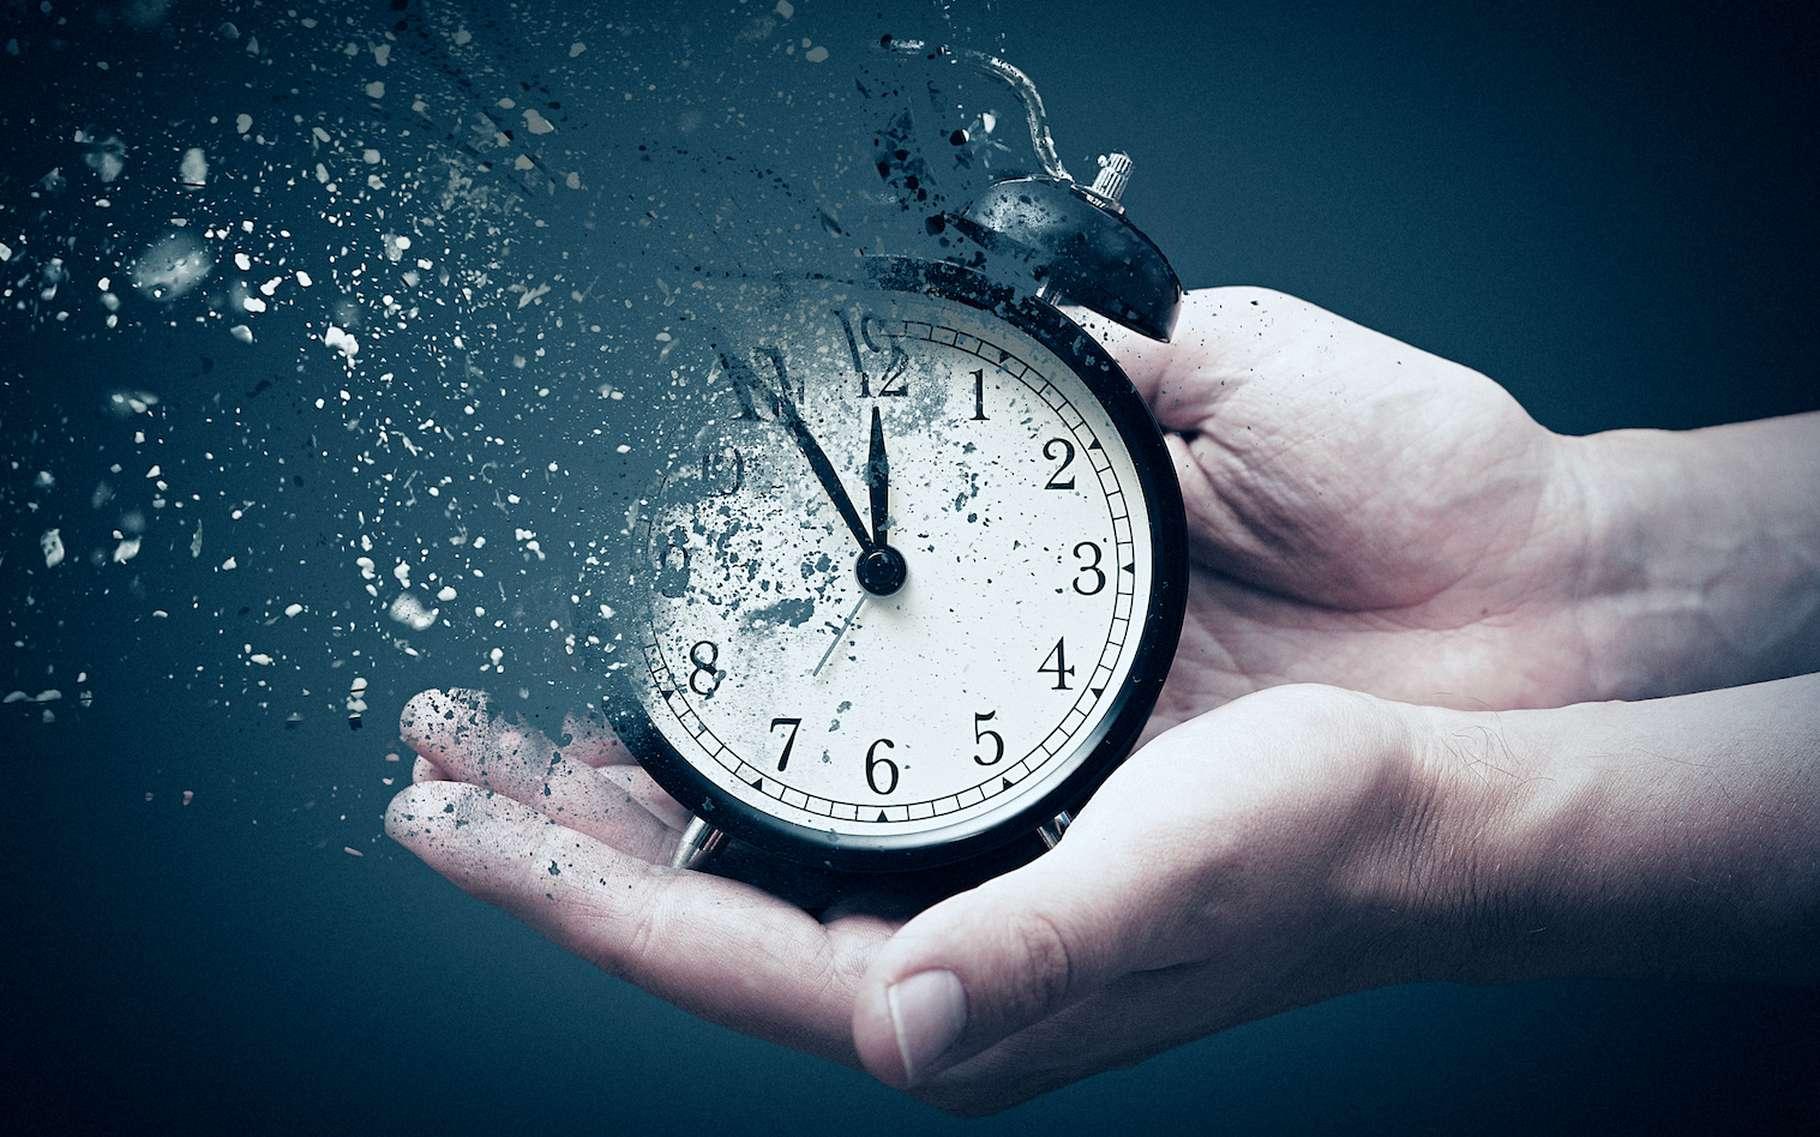 Le temps est difficile à définir. Pour les physiciens, il se mesure en secondes. © Proxima Studio, Adobe Stock